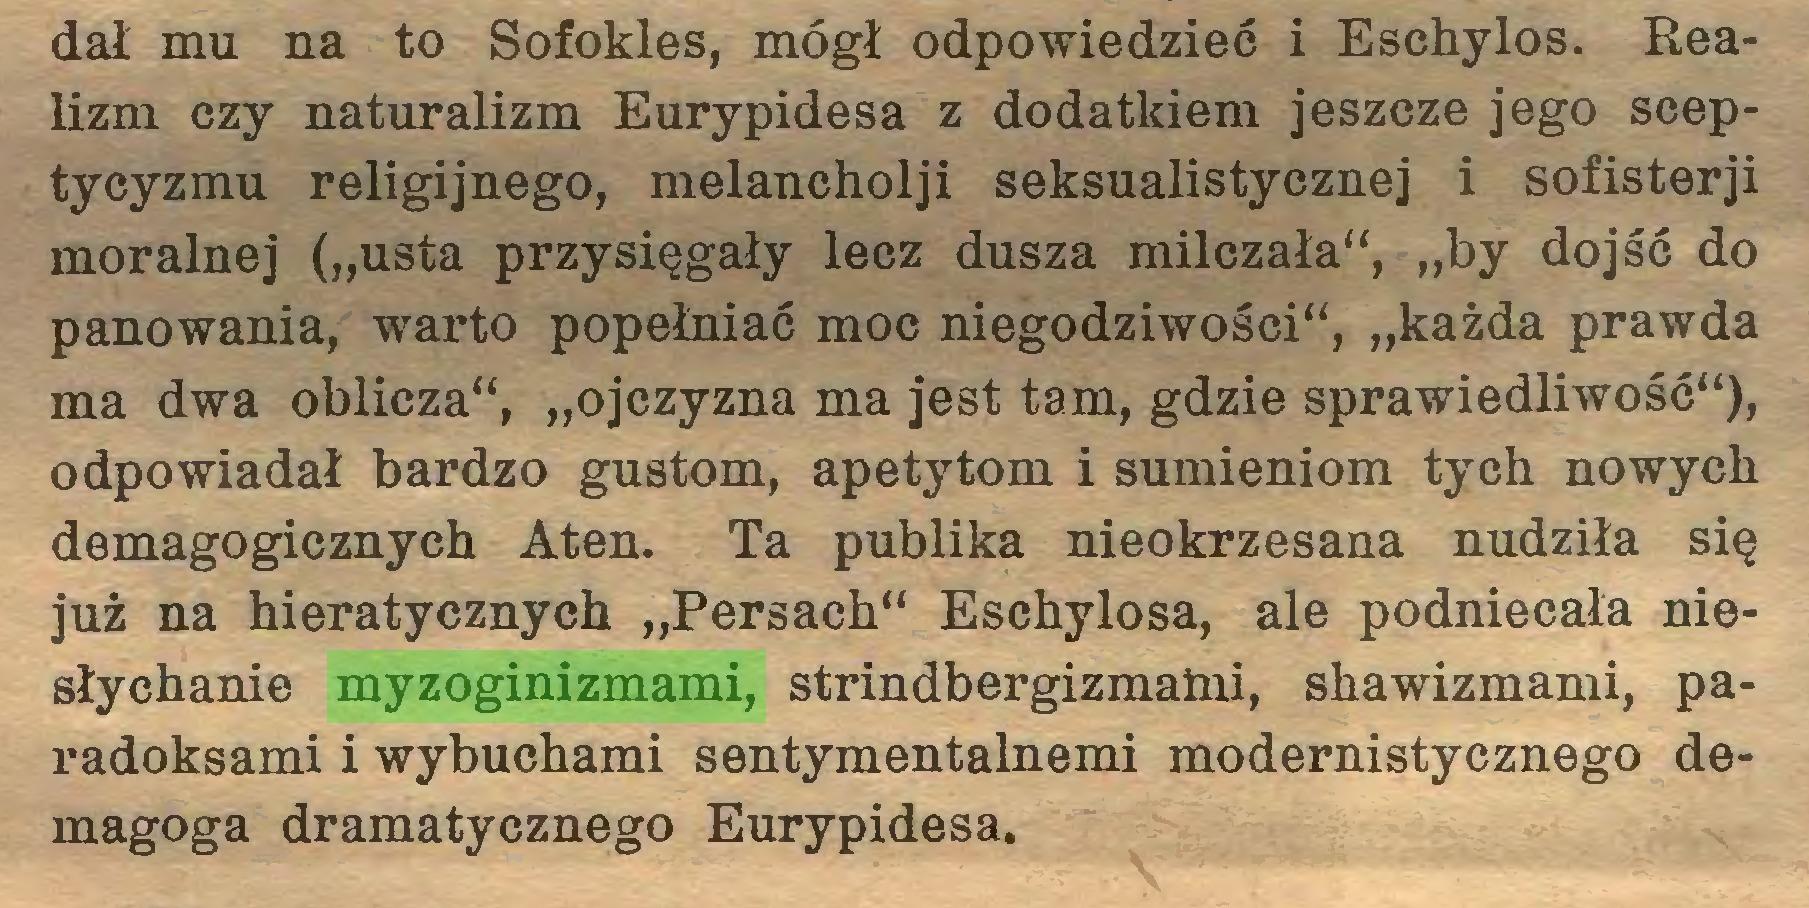 """(...) dał mu na to Sofokles, mógł odpowiedzieć i Eschylos. Realizm czy naturalizm Eurypidesa z dodatkiem jeszcze jego sceptycyzmu religijnego, melancholji seksualistycznej i sofisterji moralnej (""""usta przysięgały lecz dusza milczała"""", """"by dojść do panowania, warto popełniać moc niegodziwości"""", """"każda prawda ma dwa oblicza"""", """"ojczyzna ma jest tam, gdzie sprawiedliwość""""), odpowiadał bardzo gustom, apetytom i sumieniom tych nowych demagogicznych Aten. Ta publika nieokrzesana nudziła się już na hieratycznych """"Persach"""" Eschylosa, ale podniecała niesłychanie myzoginizmami, strindbergizmaini, shawizmami, paradoksami i wybuchami sentymentalnemi modernistycznego demagoga dramatycznego Eurypidesa..."""